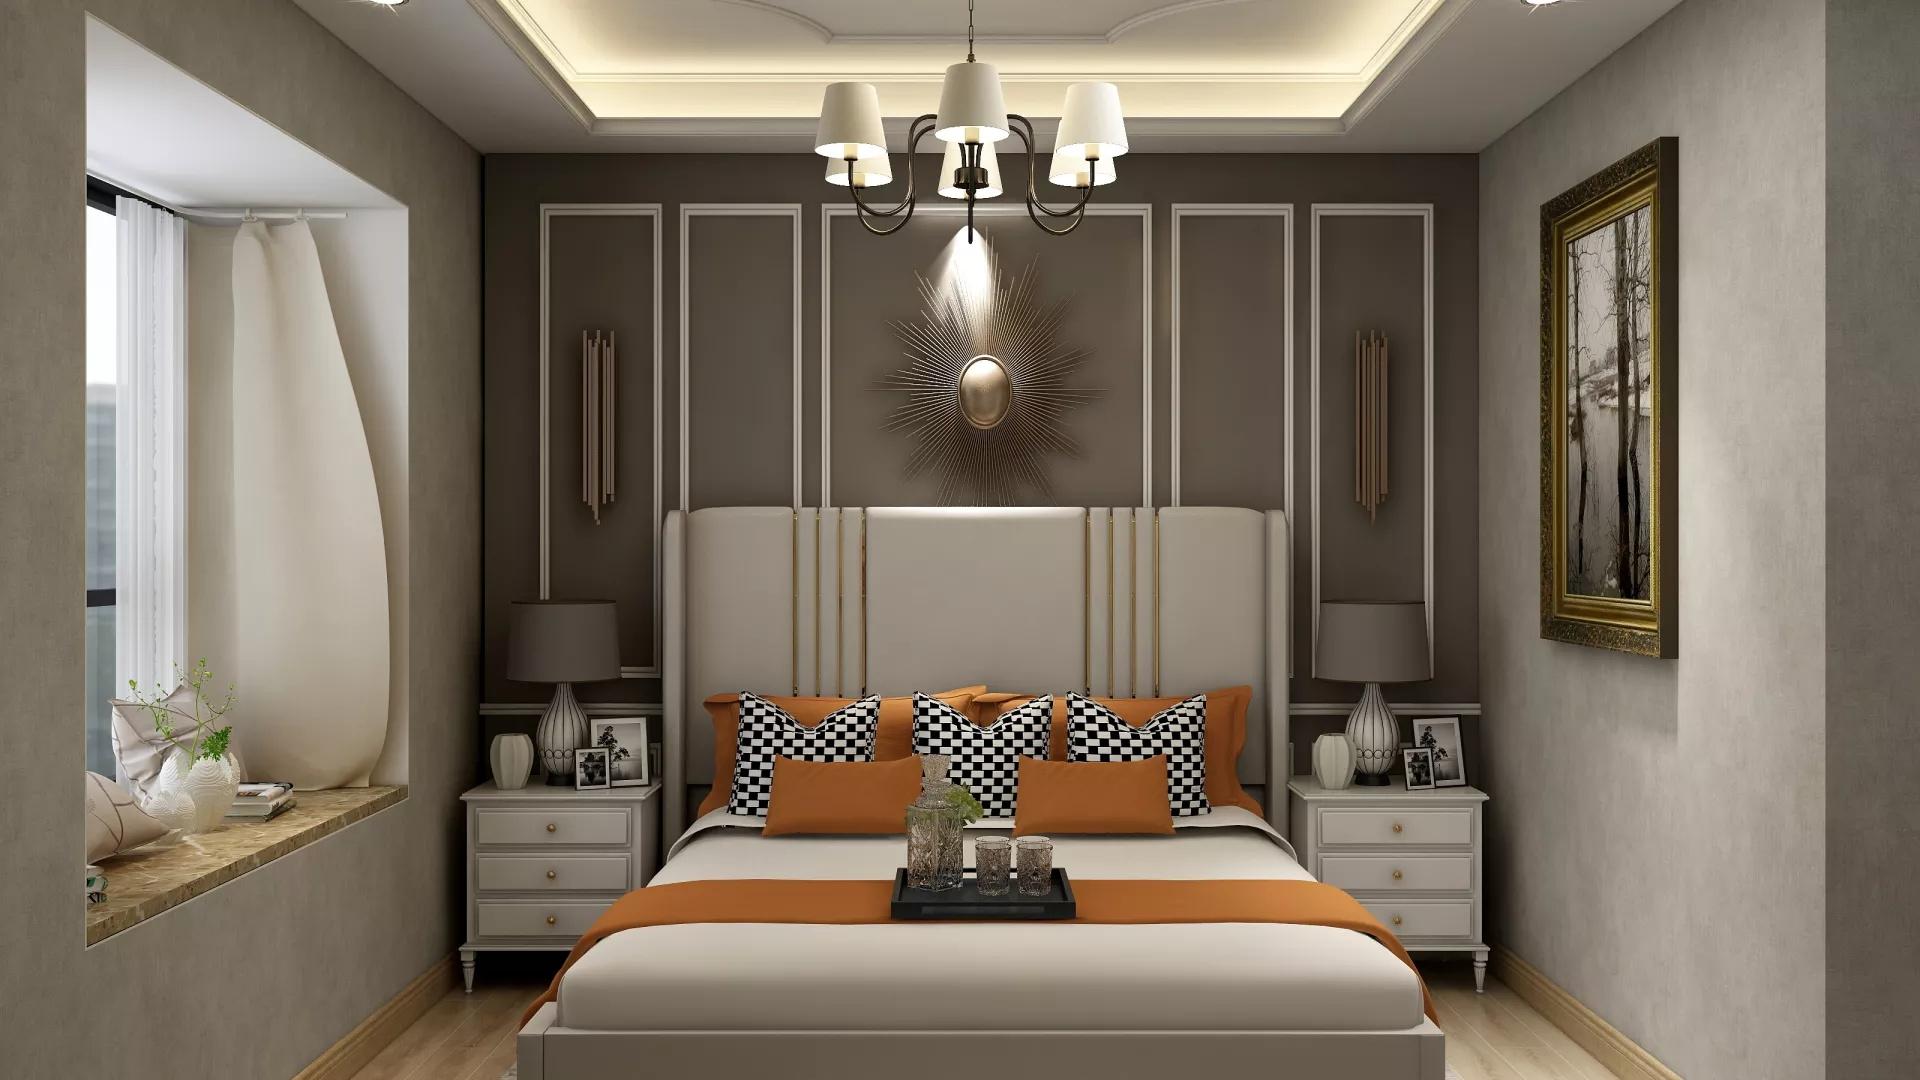 房屋装修颜色风水 新房装修用什么颜色好